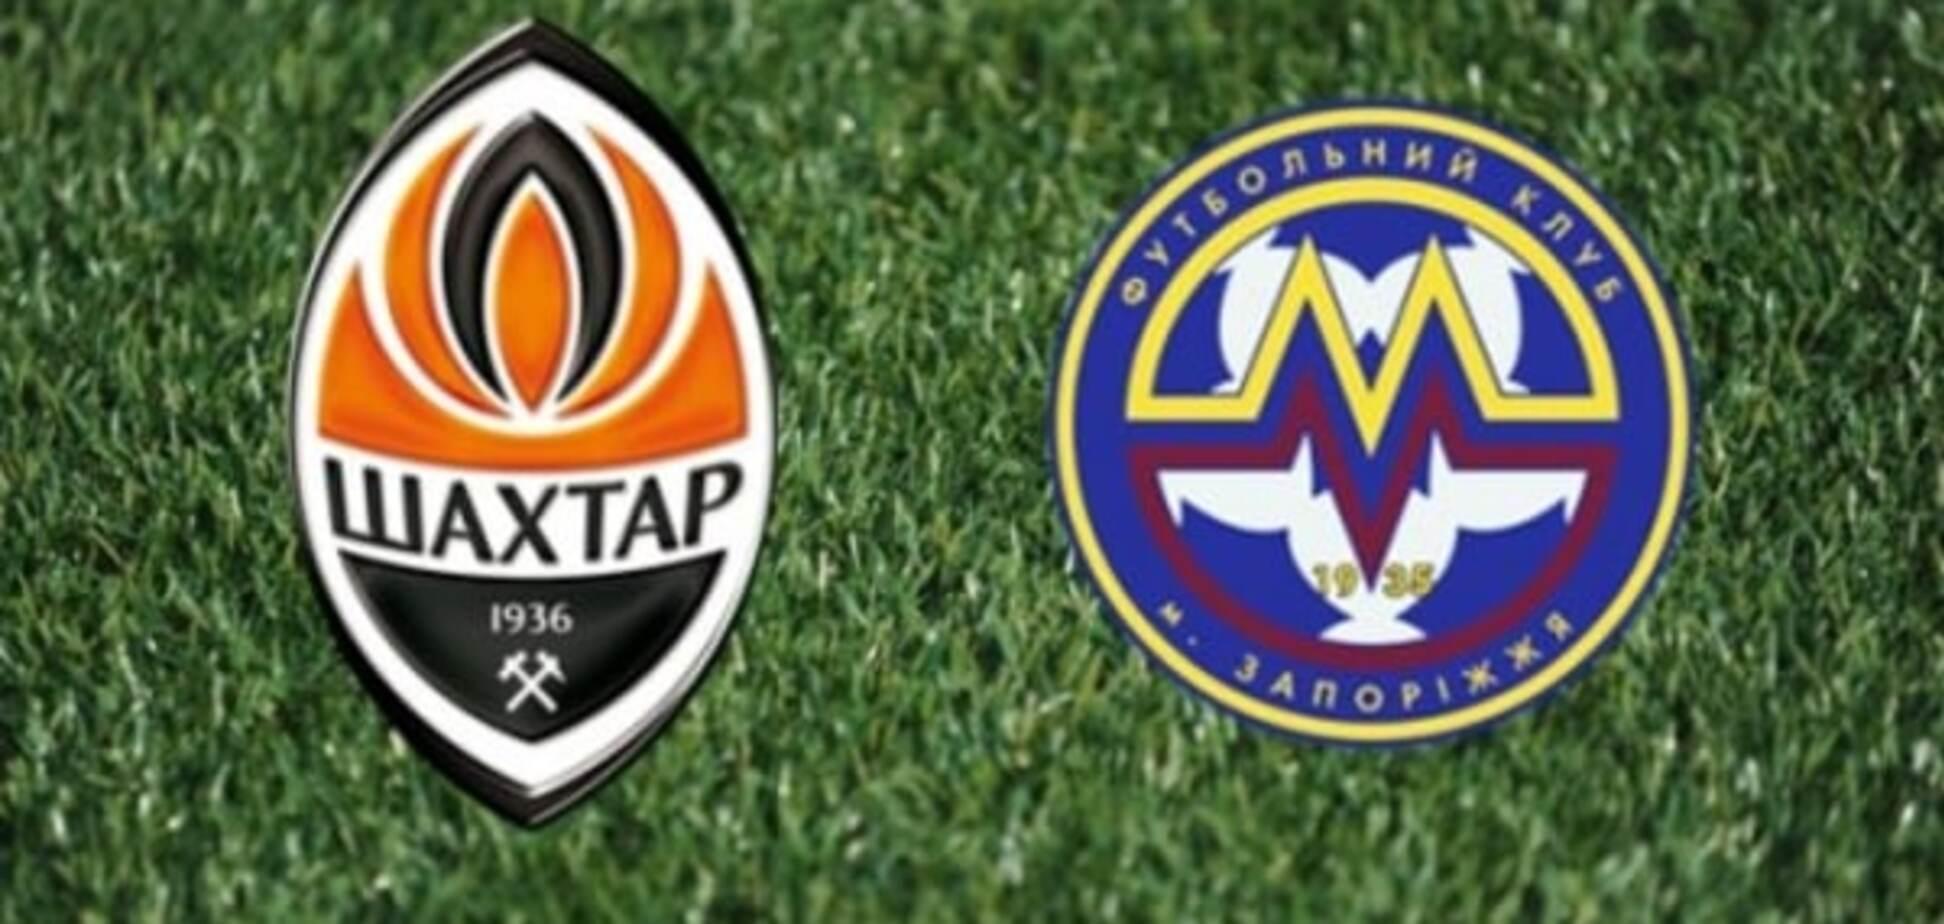 'Шахтар' - 'Металург': прогноз букмекерів на чемпіонат України